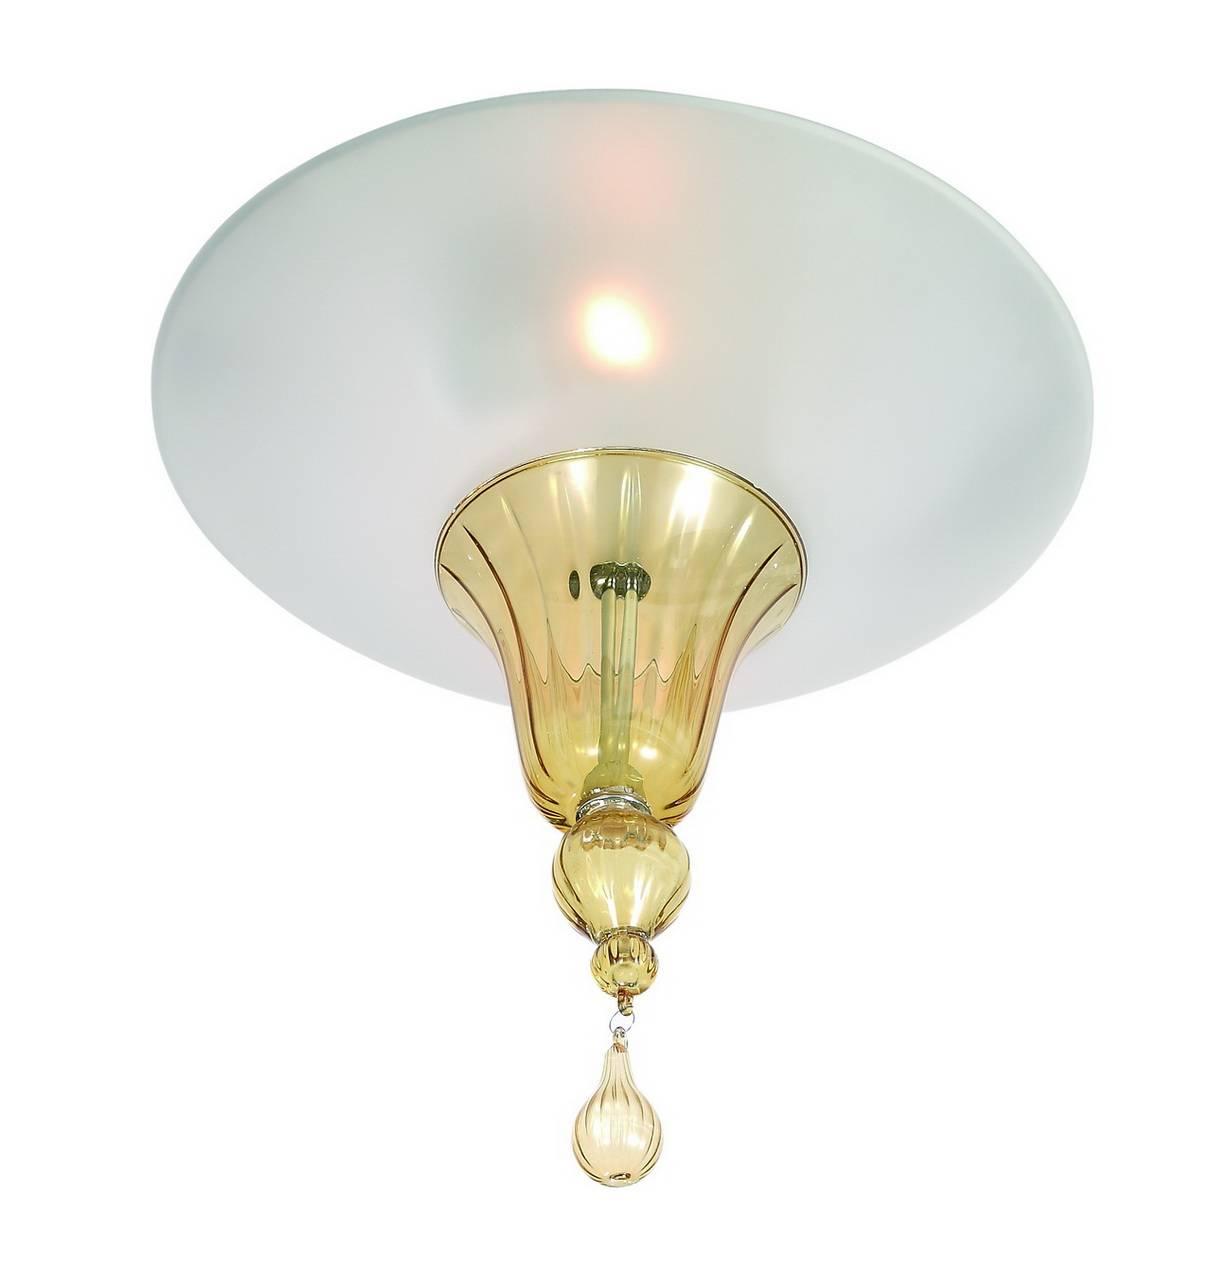 Потолочный светильник Divinare Goccia 4002/01 PL-2 потолочный светильник divinare lianto 4001 01 pl 2